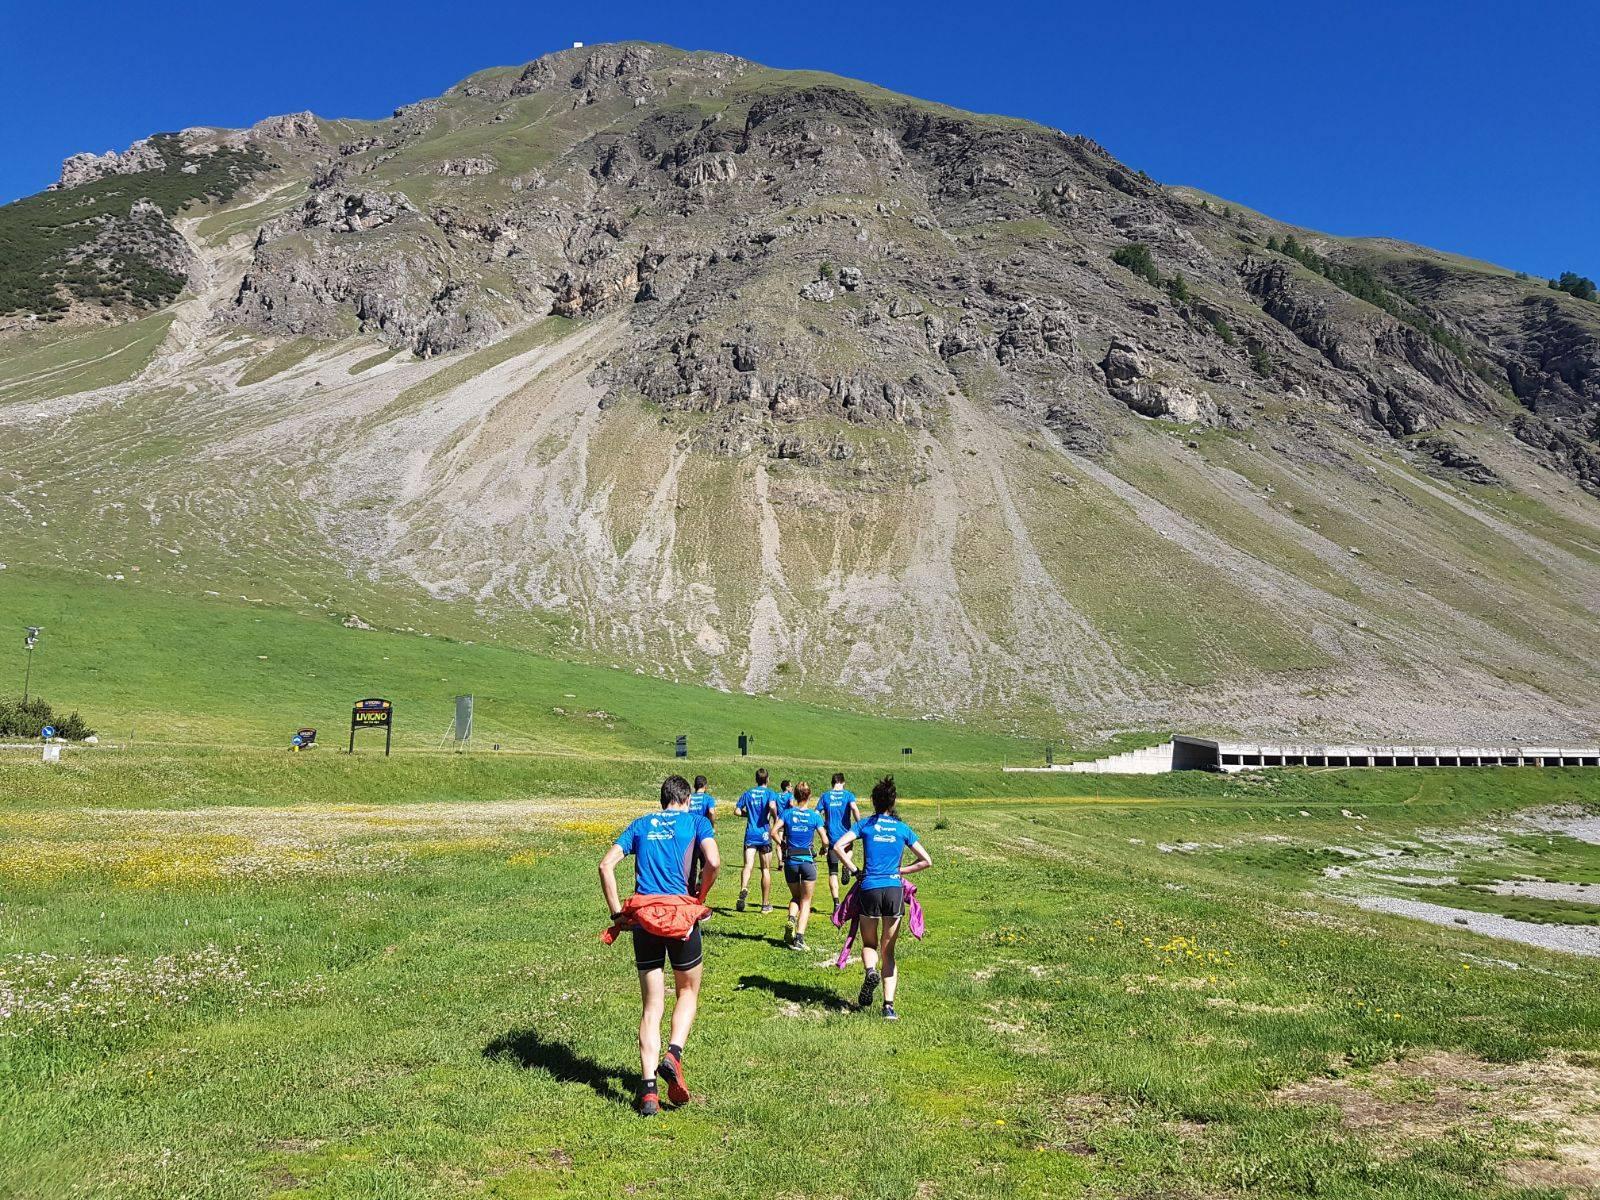 El domingo 20 de mayo en Arredondo, se disputará el Campeonato de España de Kilómetro vertical y Selecciones Autonómicas